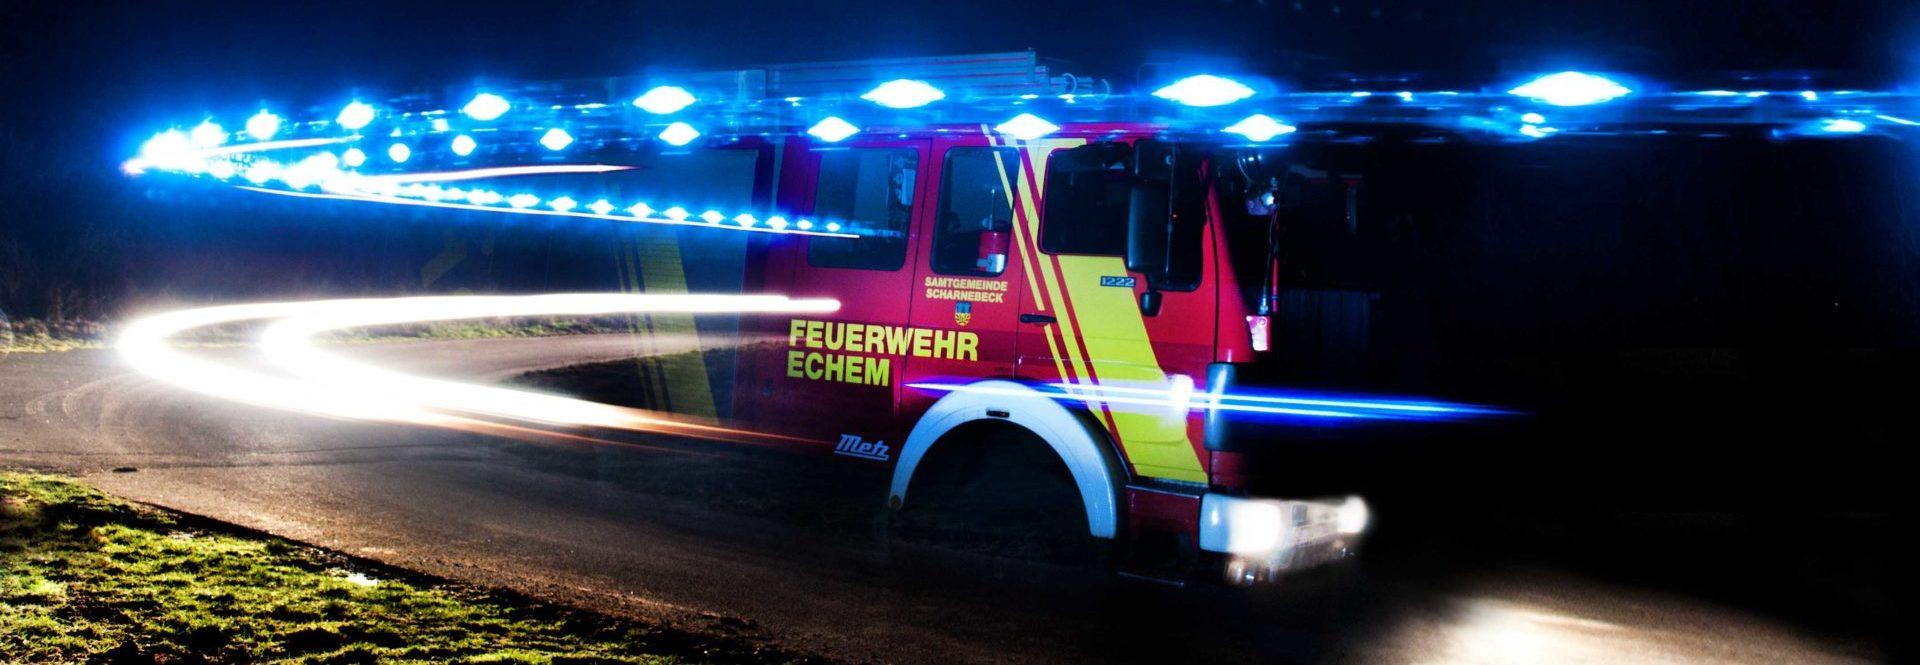 Freiwillige Feuerwehr Echem